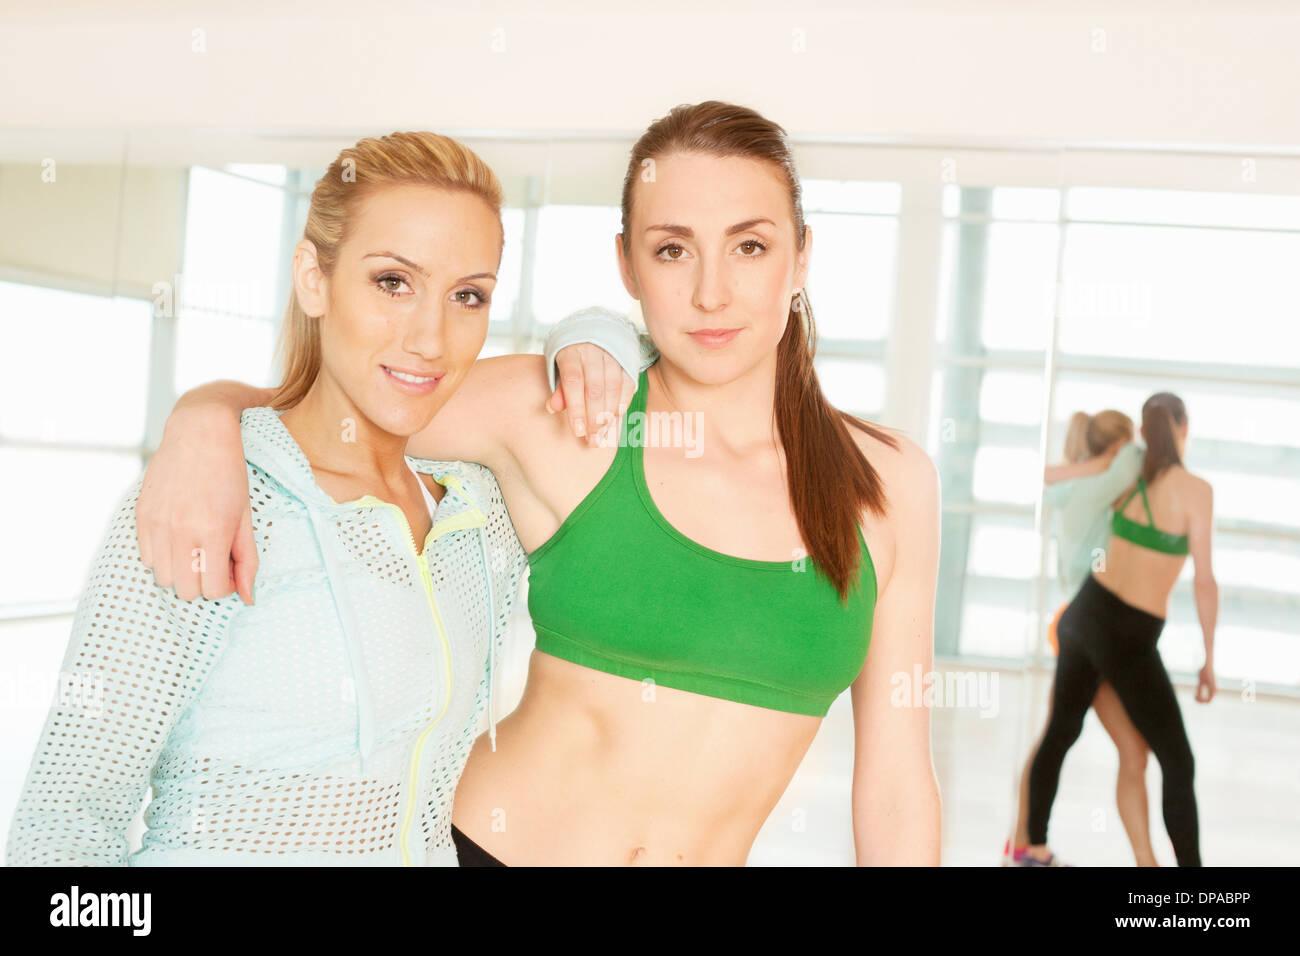 Frauen stehen im Fitnessraum mit Arm um Stockbild